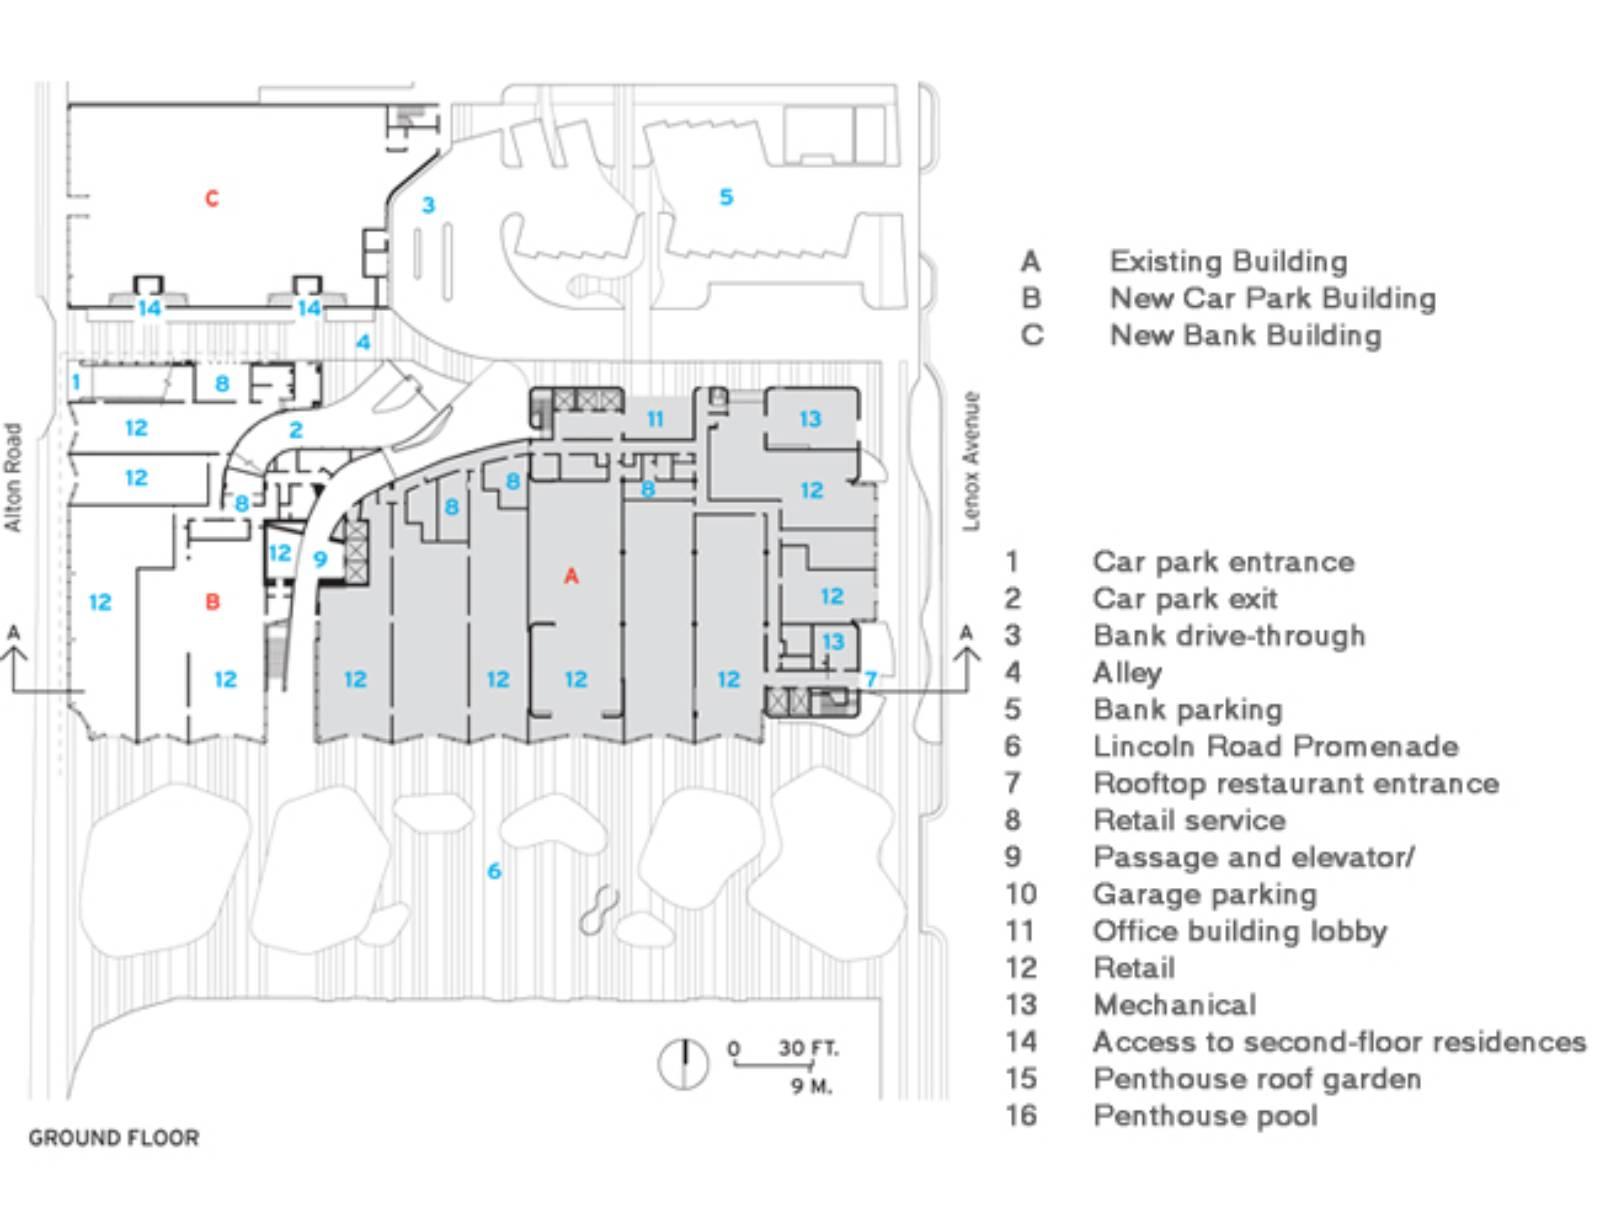 video road garage footage stock lincoln prevstill center parking